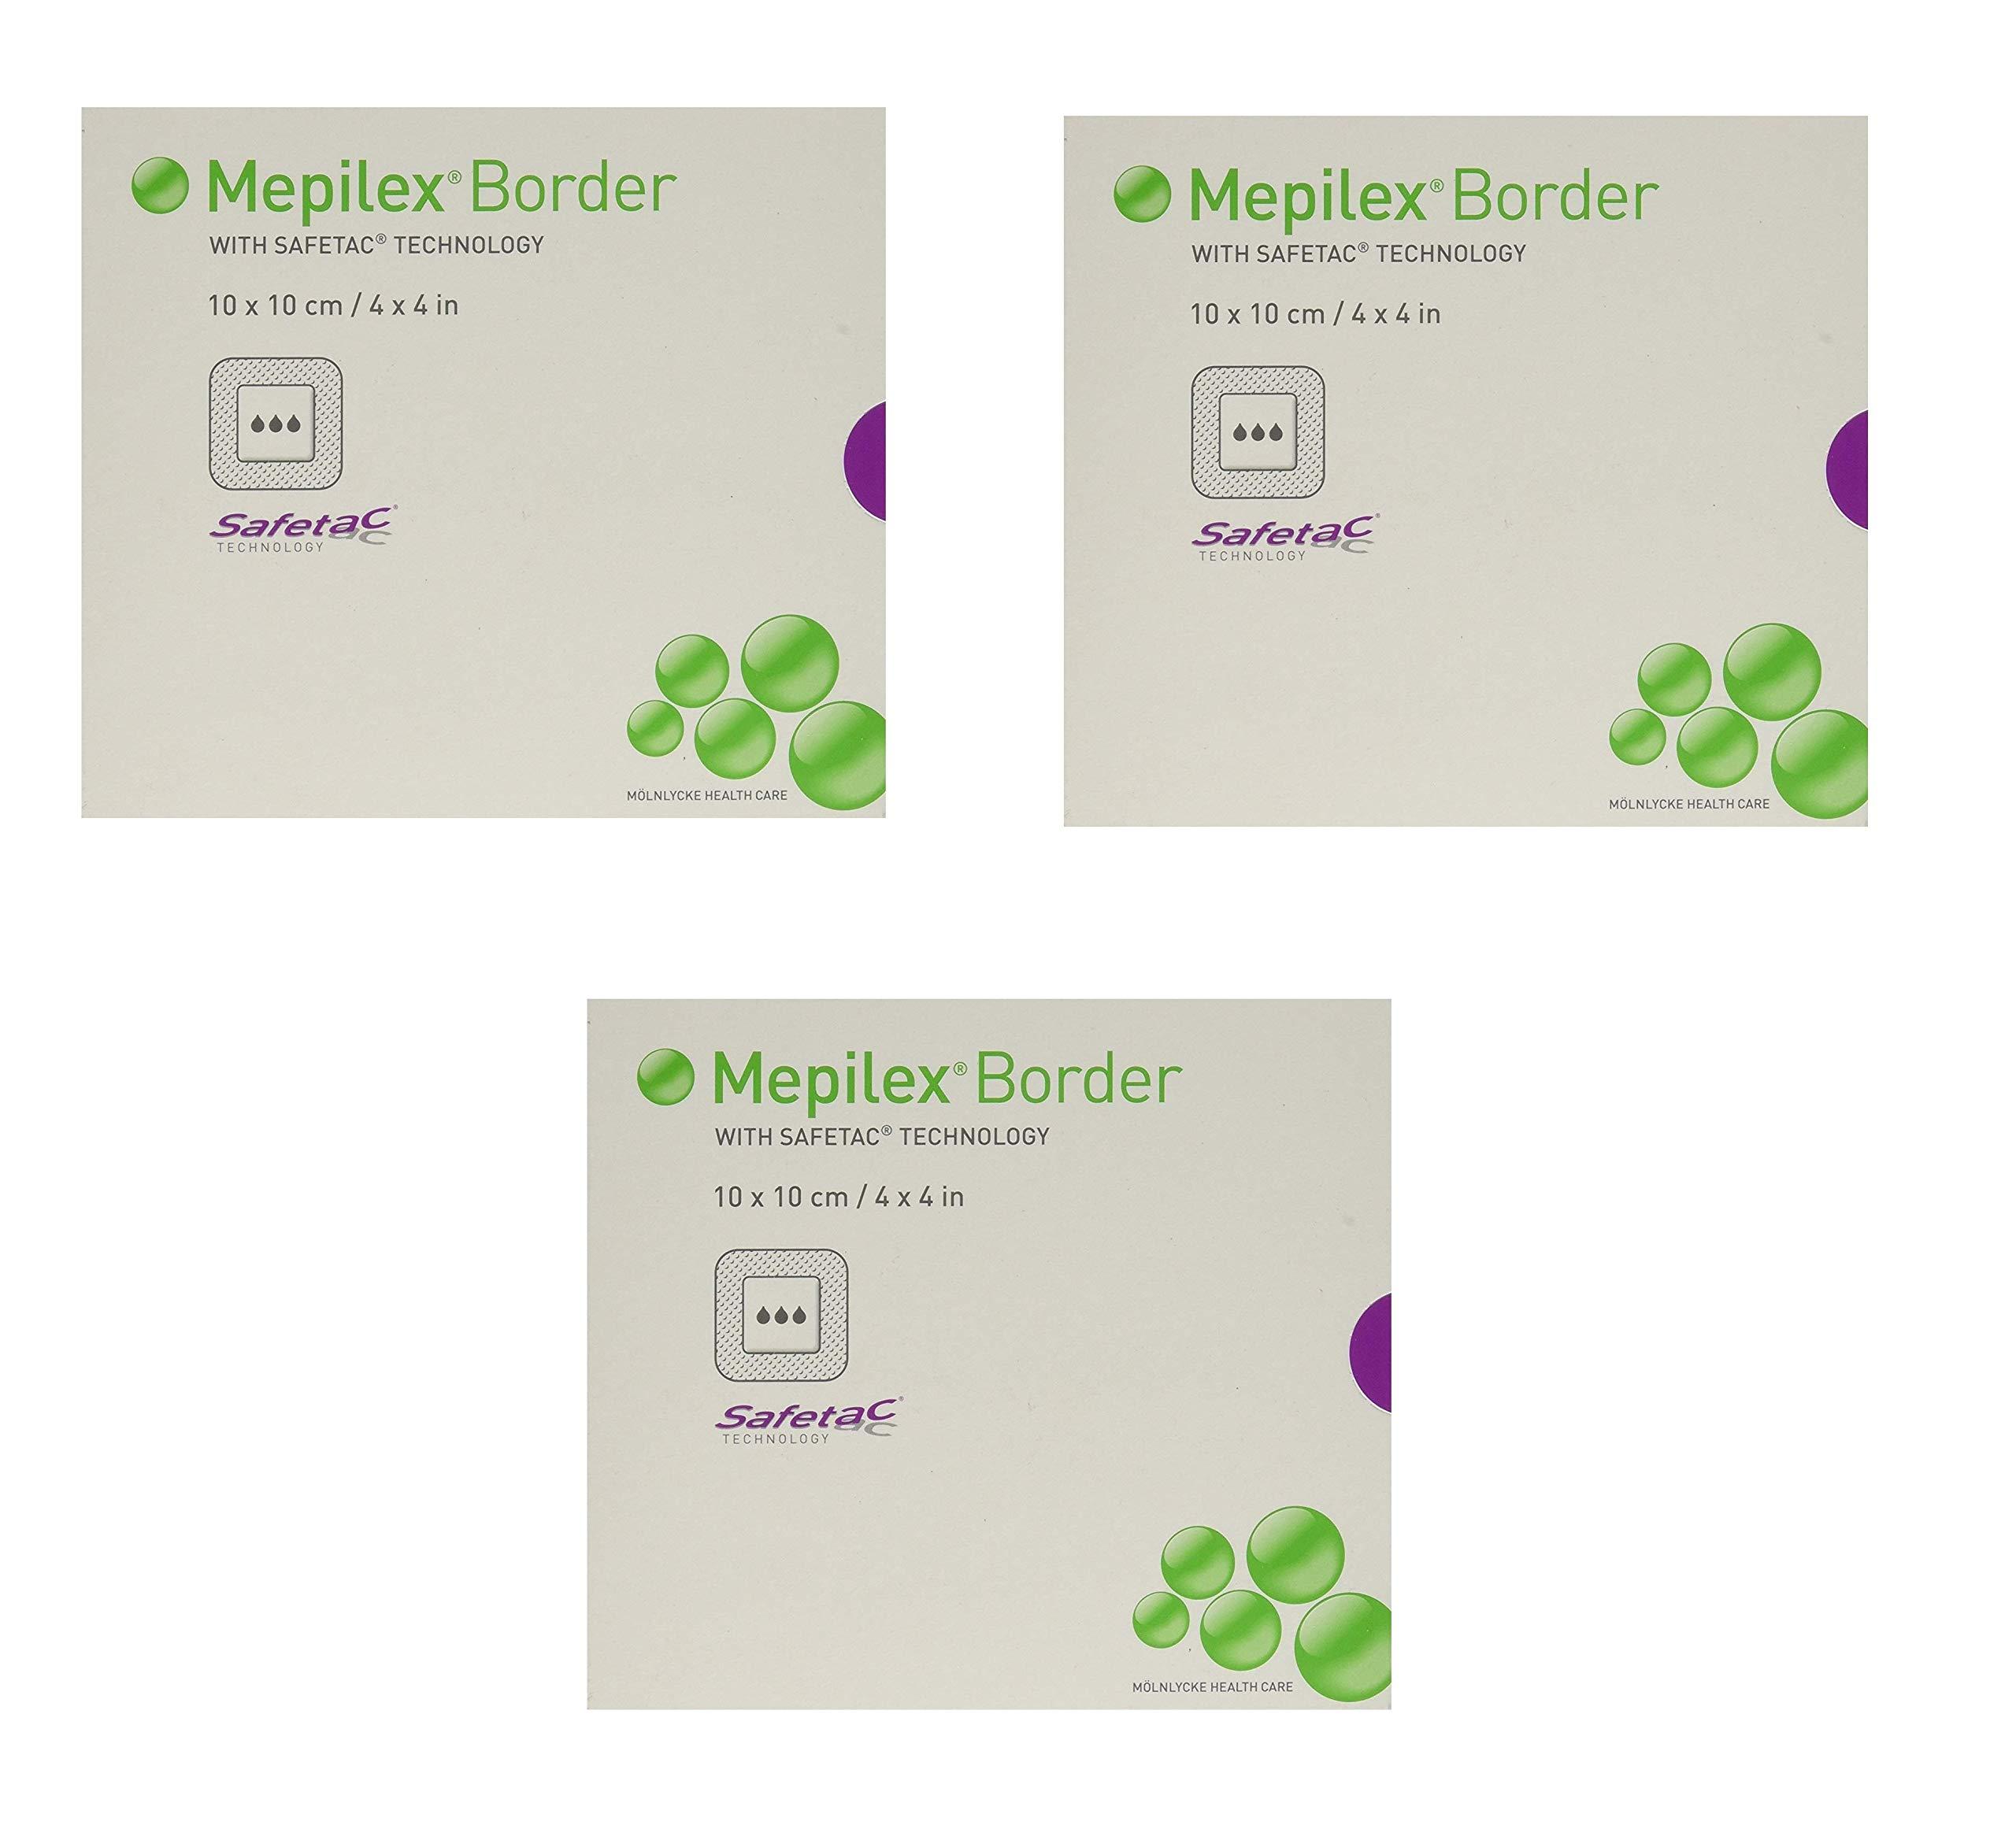 Mepilex Border Self-Adhesive Foam Dressings 4''x4'', 5 Count (3 Pack)